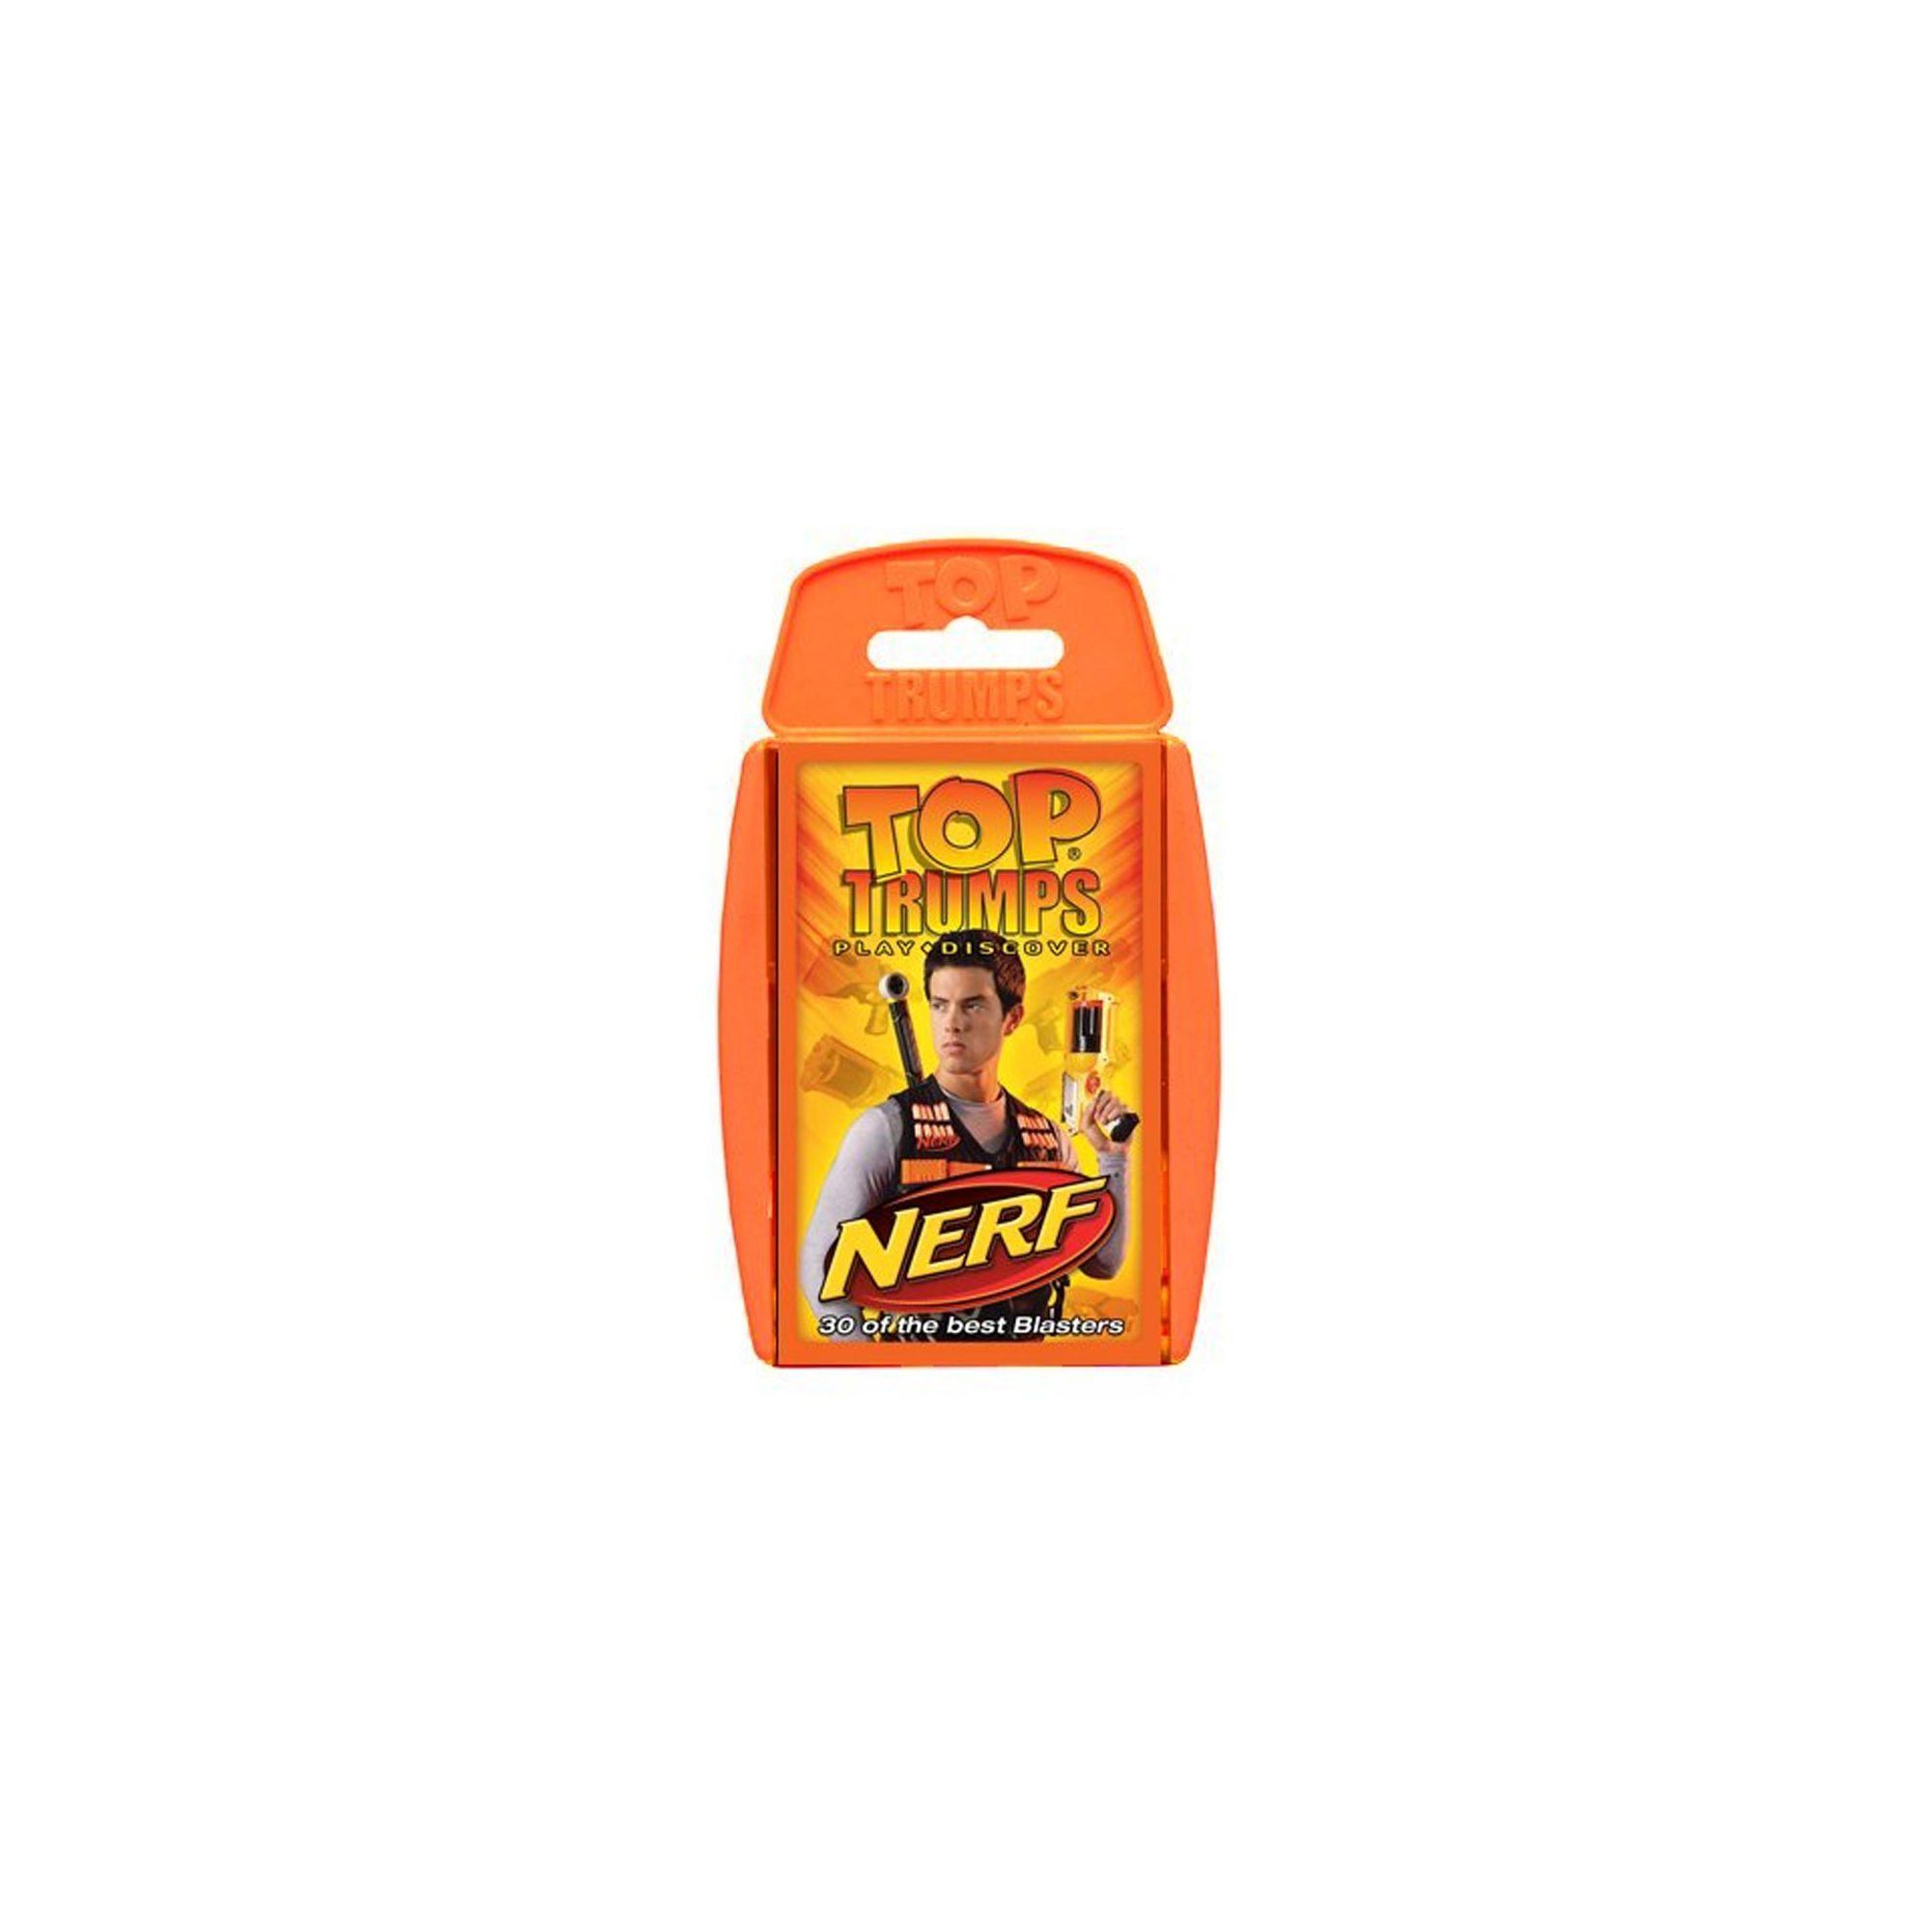 Nerf Top Trumps